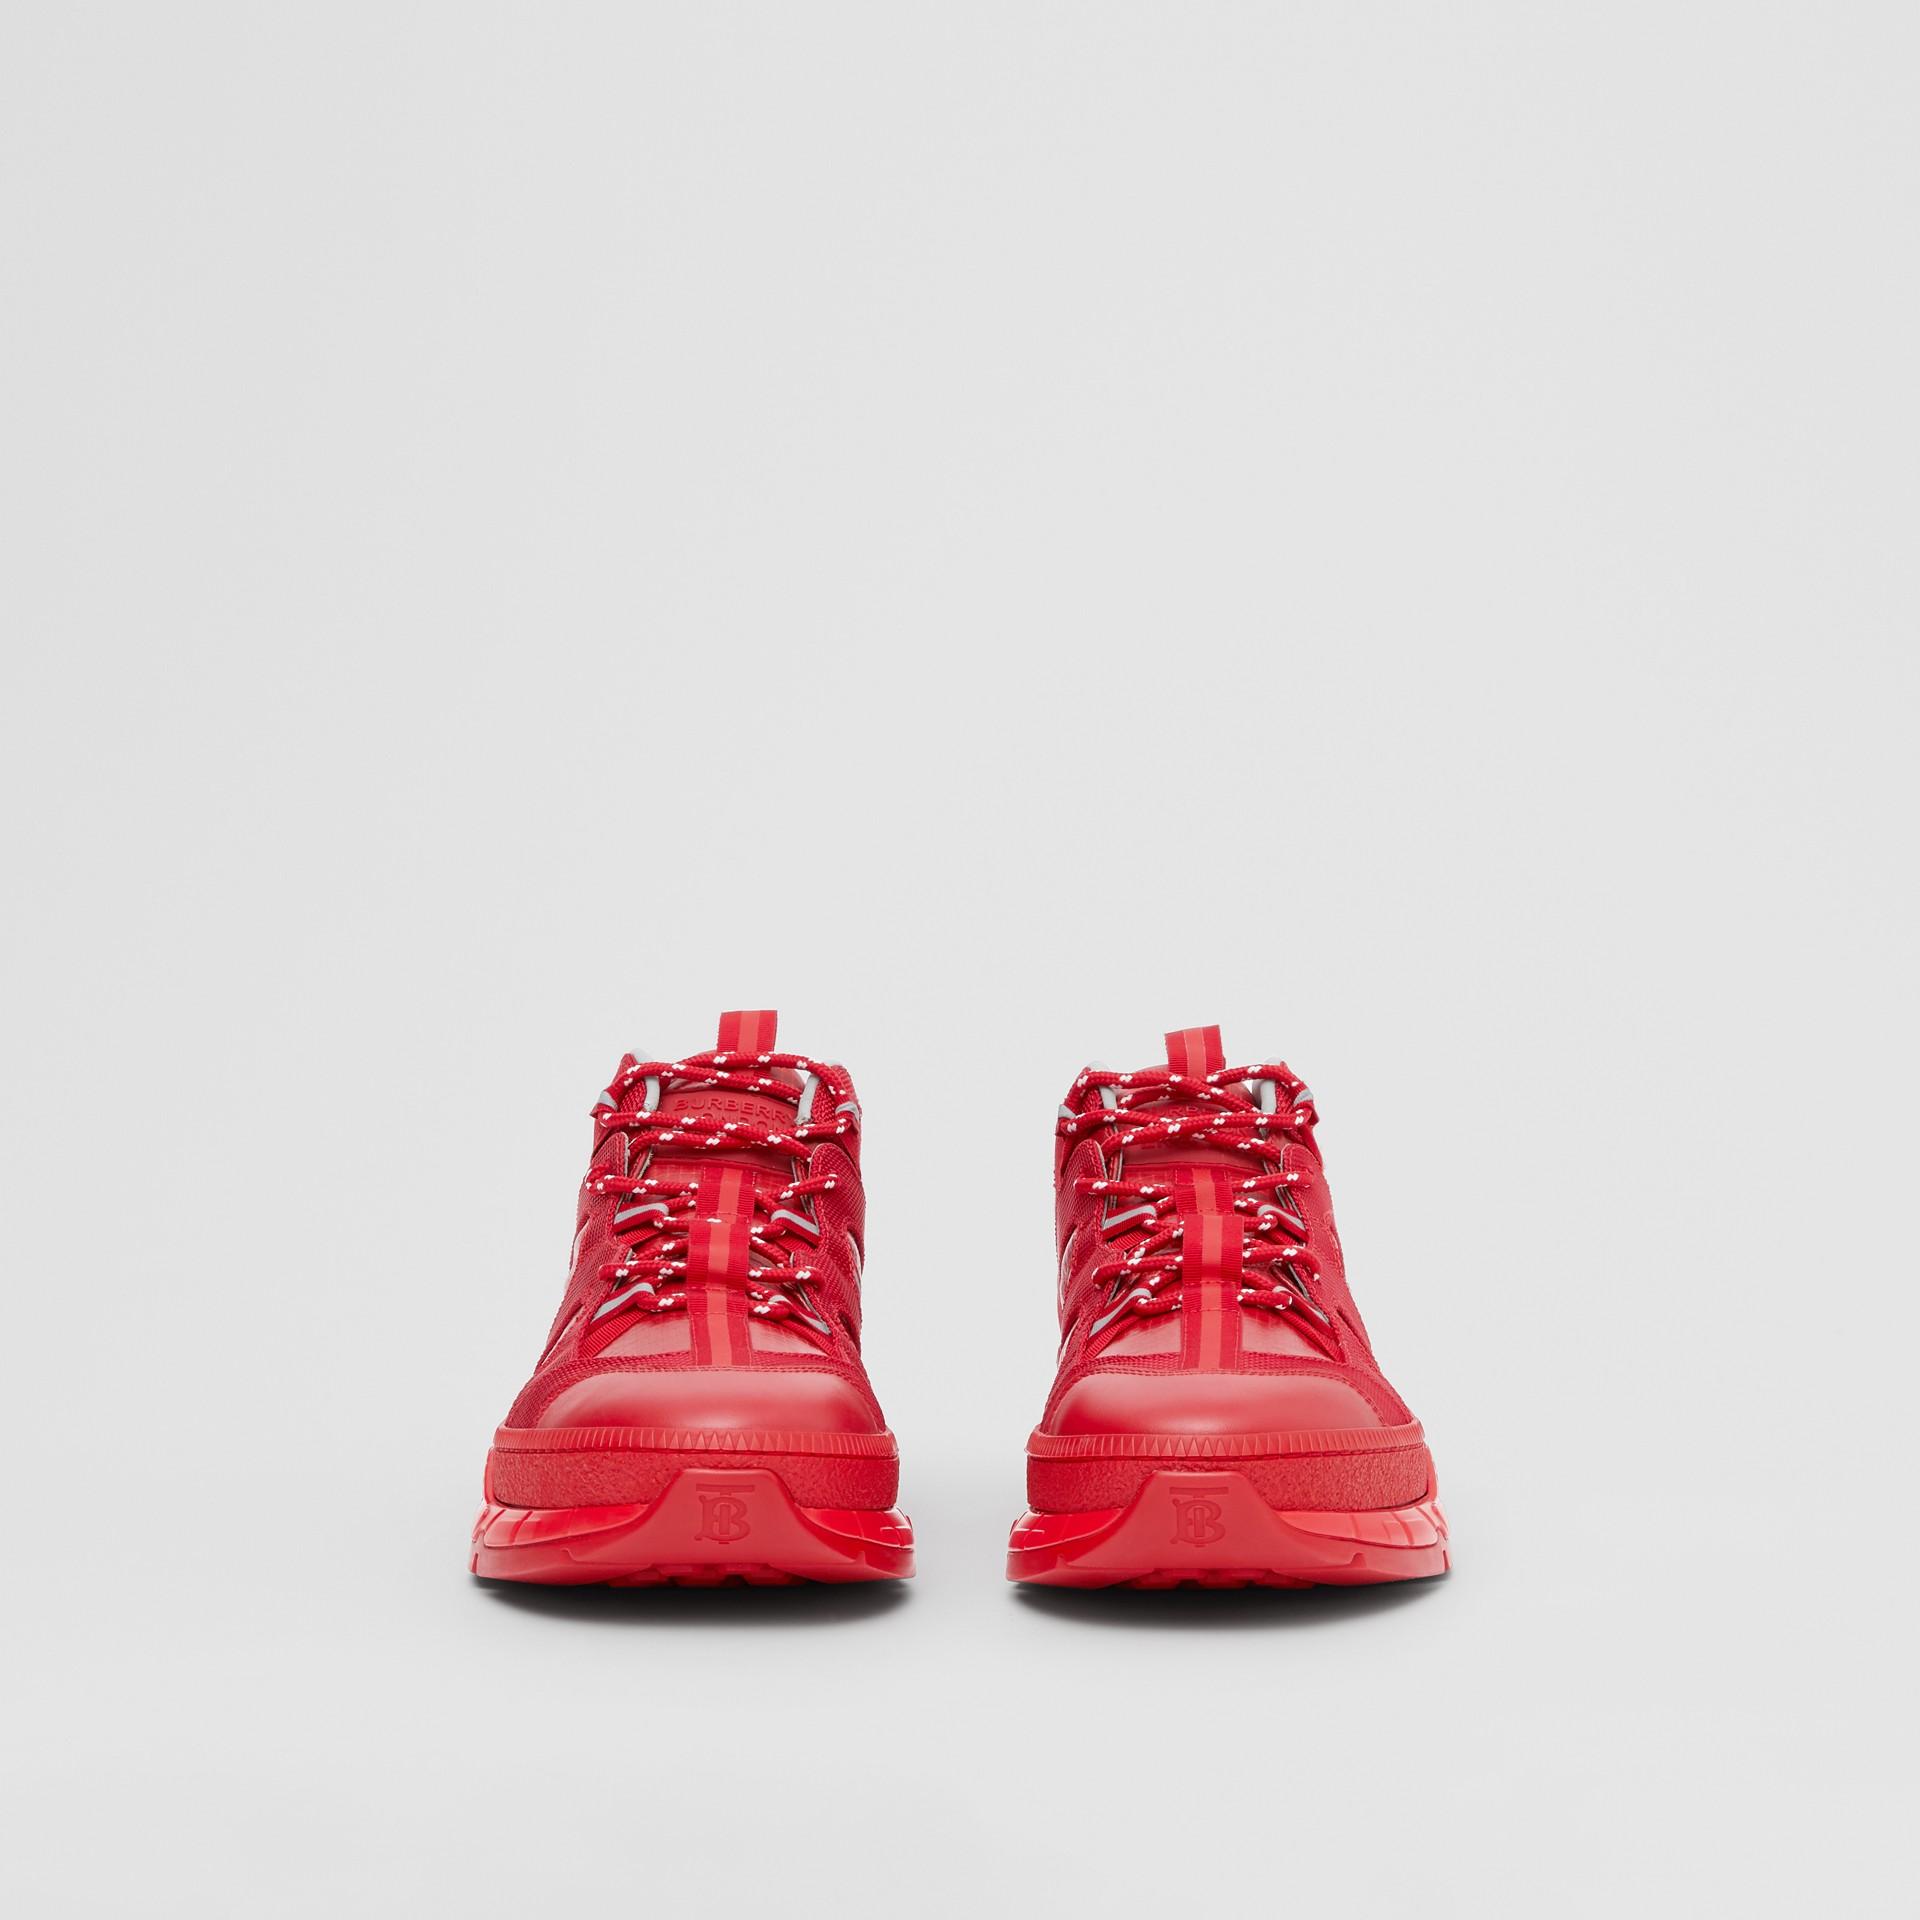 尼龍和皮革 Union 運動鞋 (亮紅色) - 女款   Burberry - 圖庫照片 3